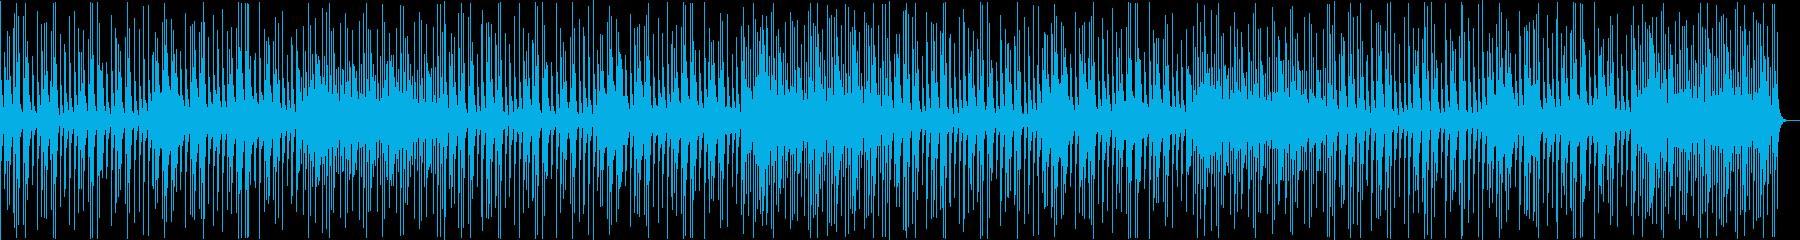 スローテンポの和風BGMの再生済みの波形